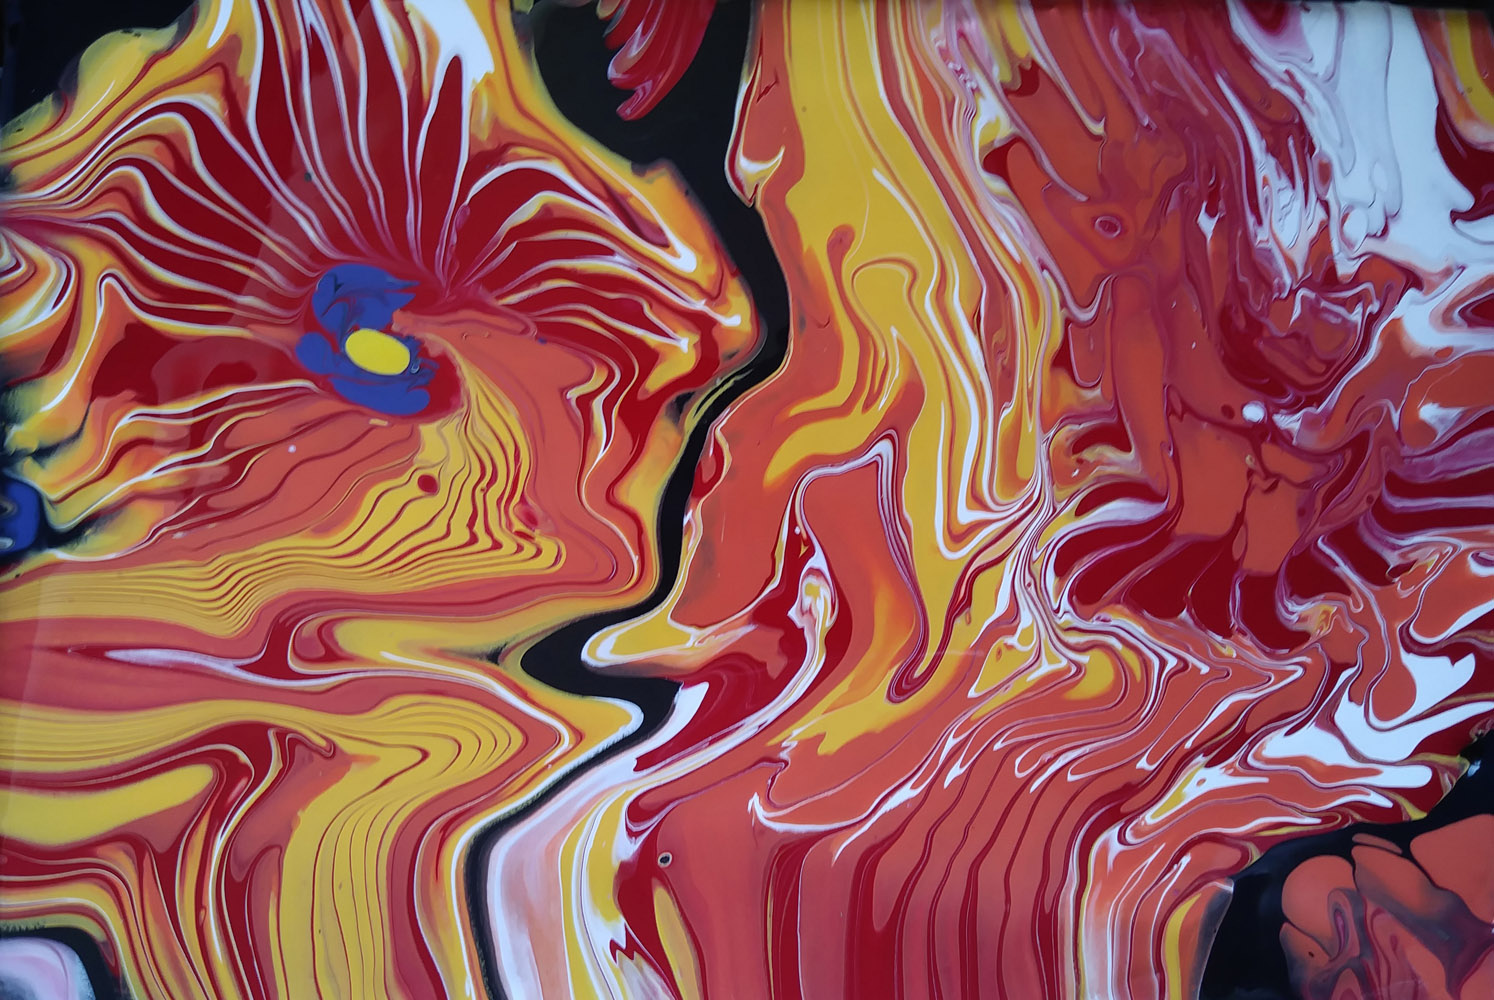 Pintura acrílica fluida, abstracta y conceptual